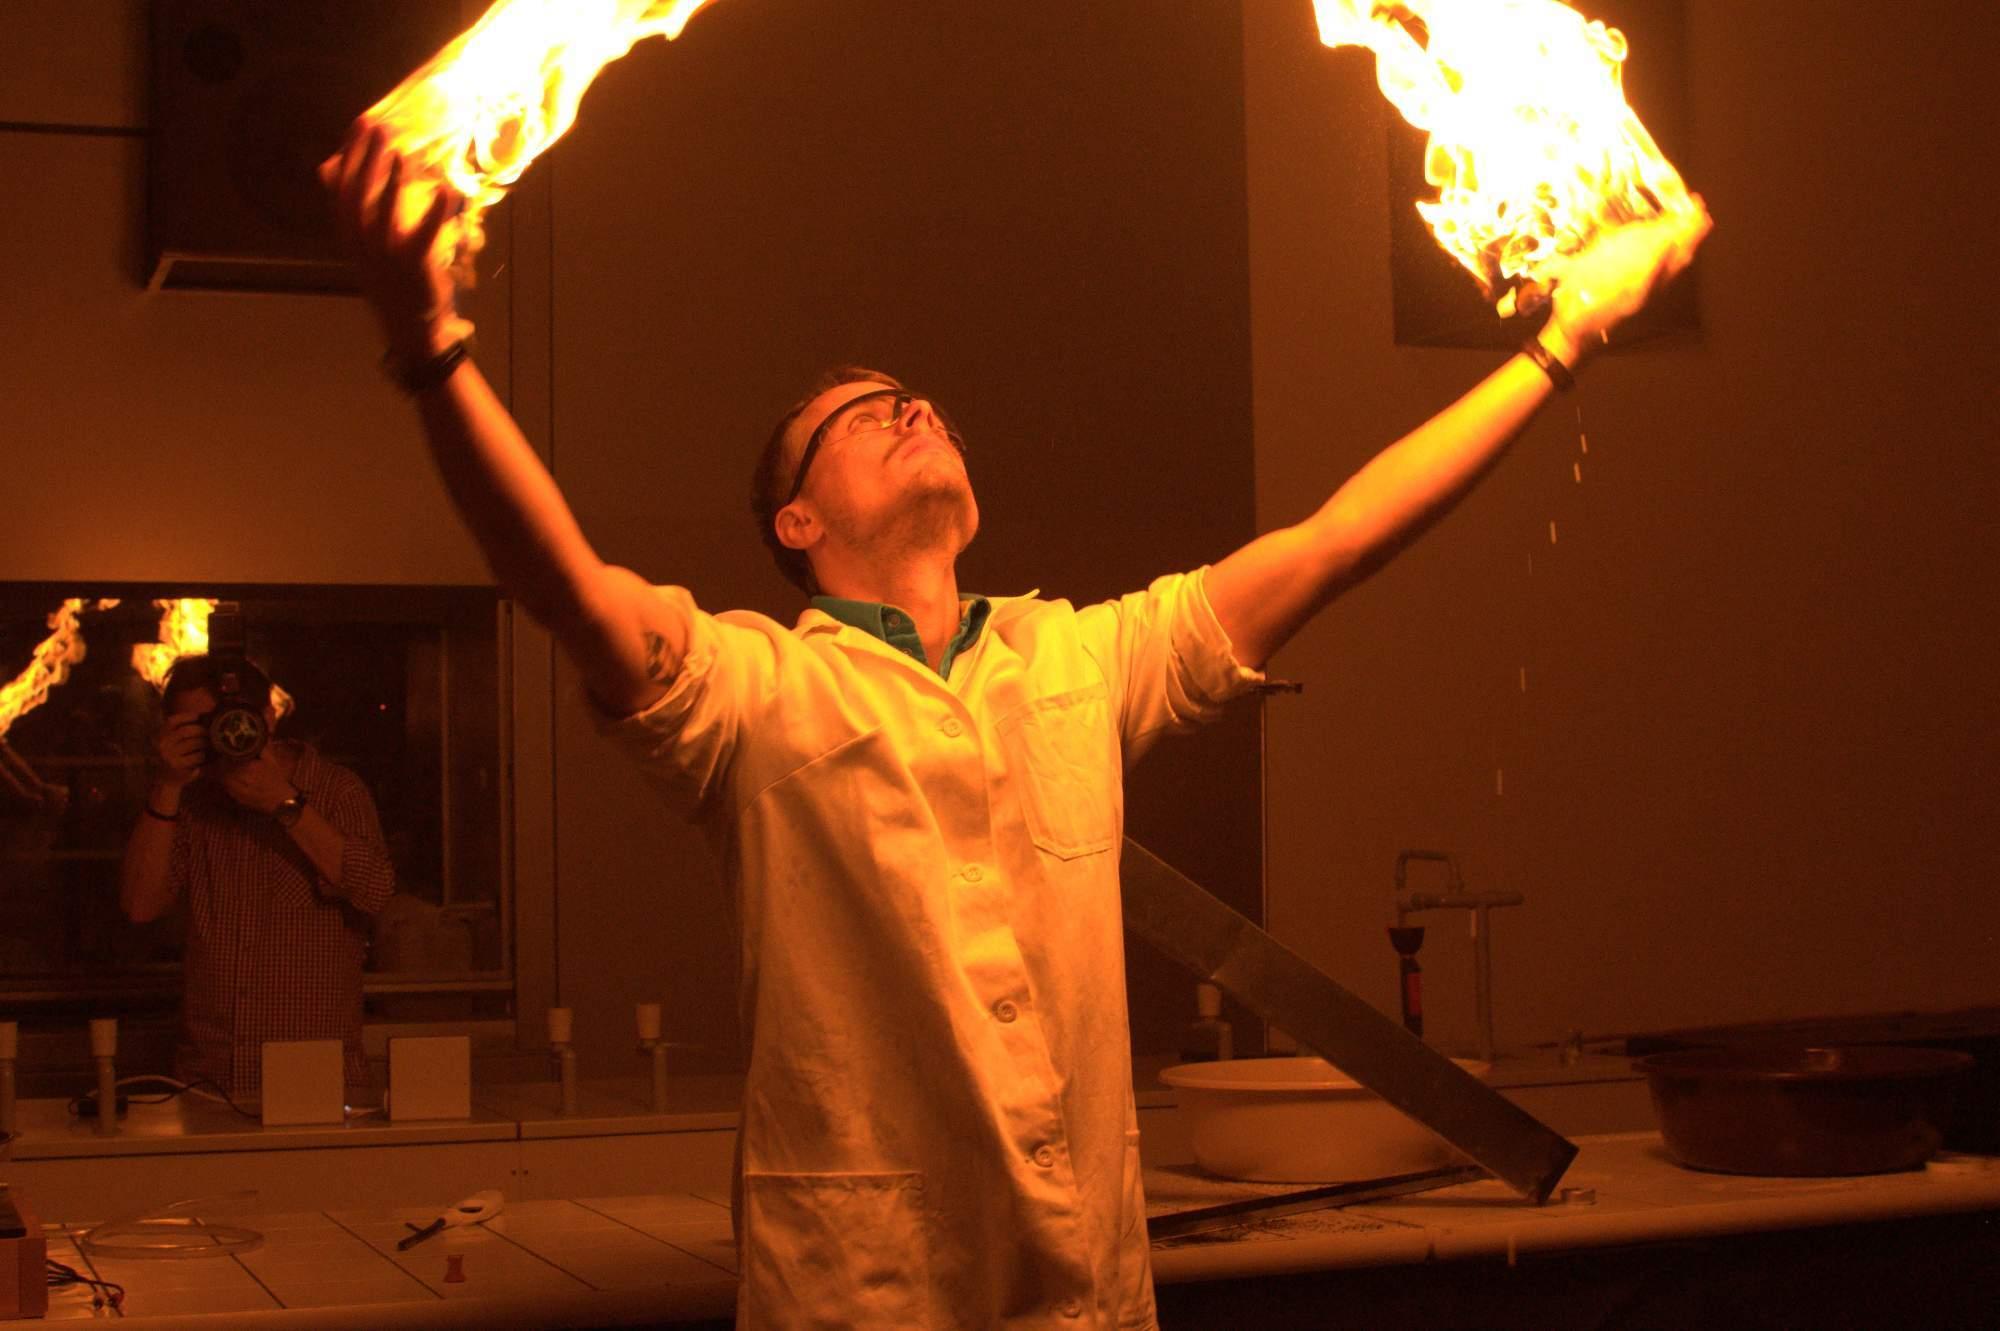 V divadle centra ukazovali zaměstnanci nejrůznější triky s ohněm - i jak se zapálit a neshořet. Foto: Michaela Nárožná